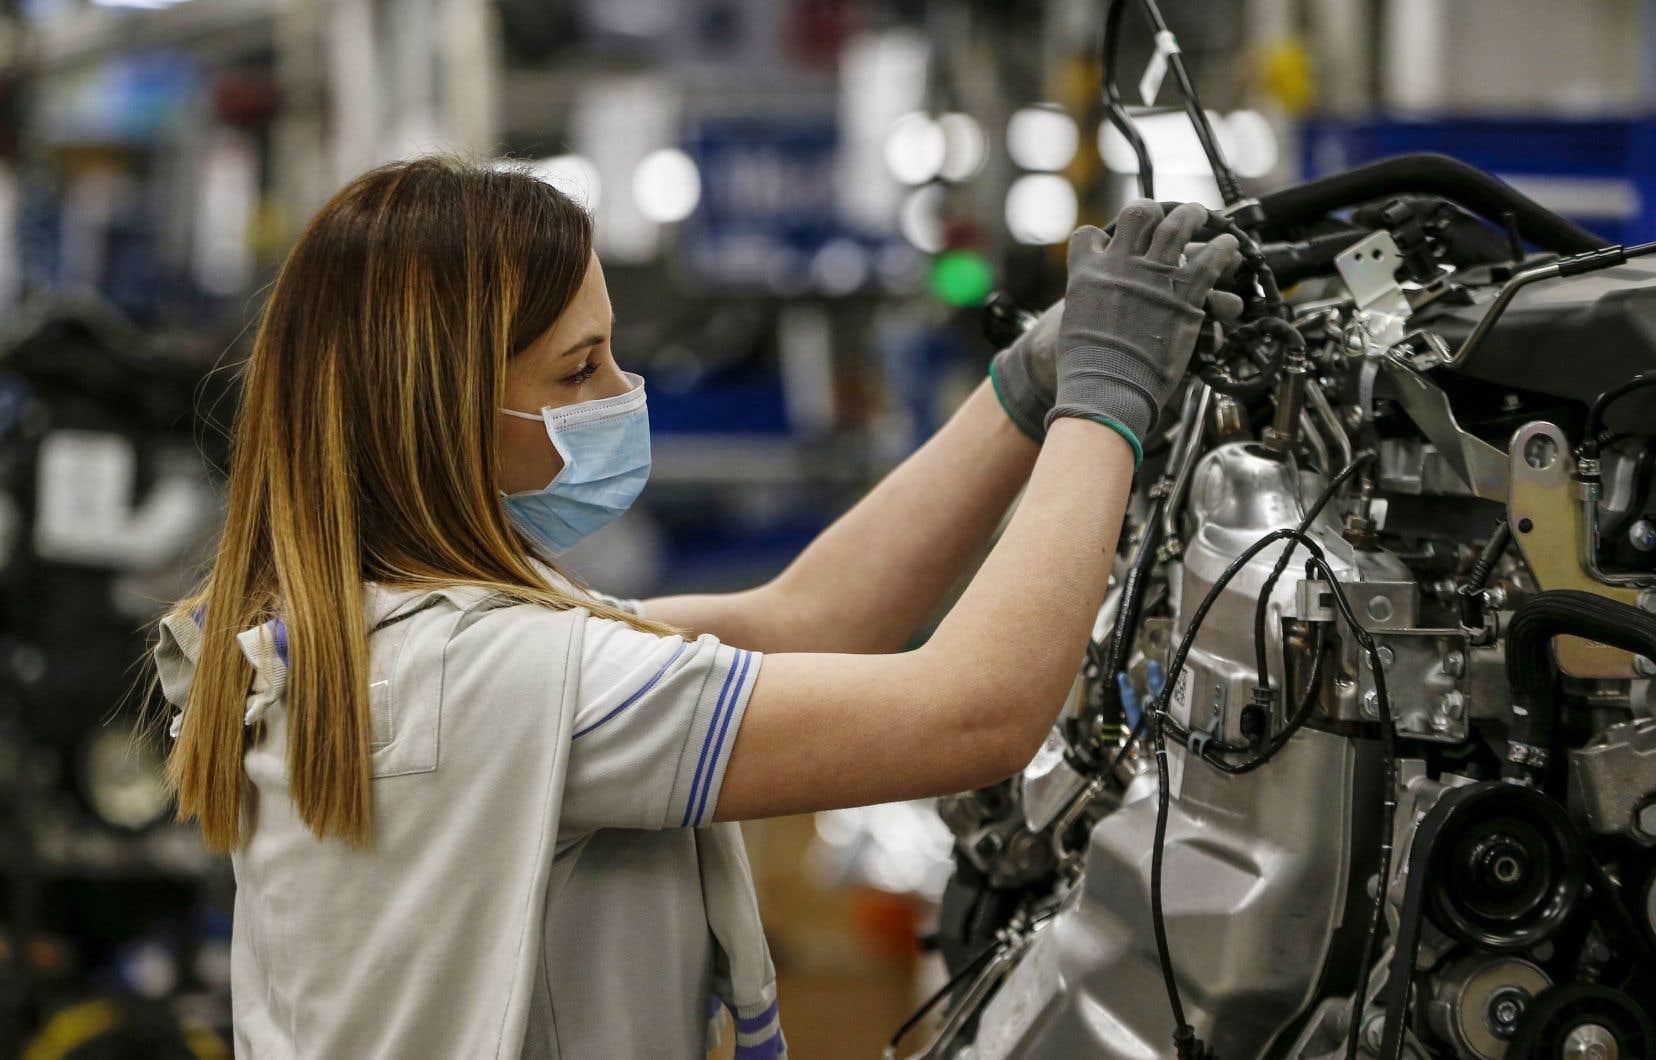 Un peu plus d'une entreprise sur dix a diminué le salaire du personnel et certains traitements.